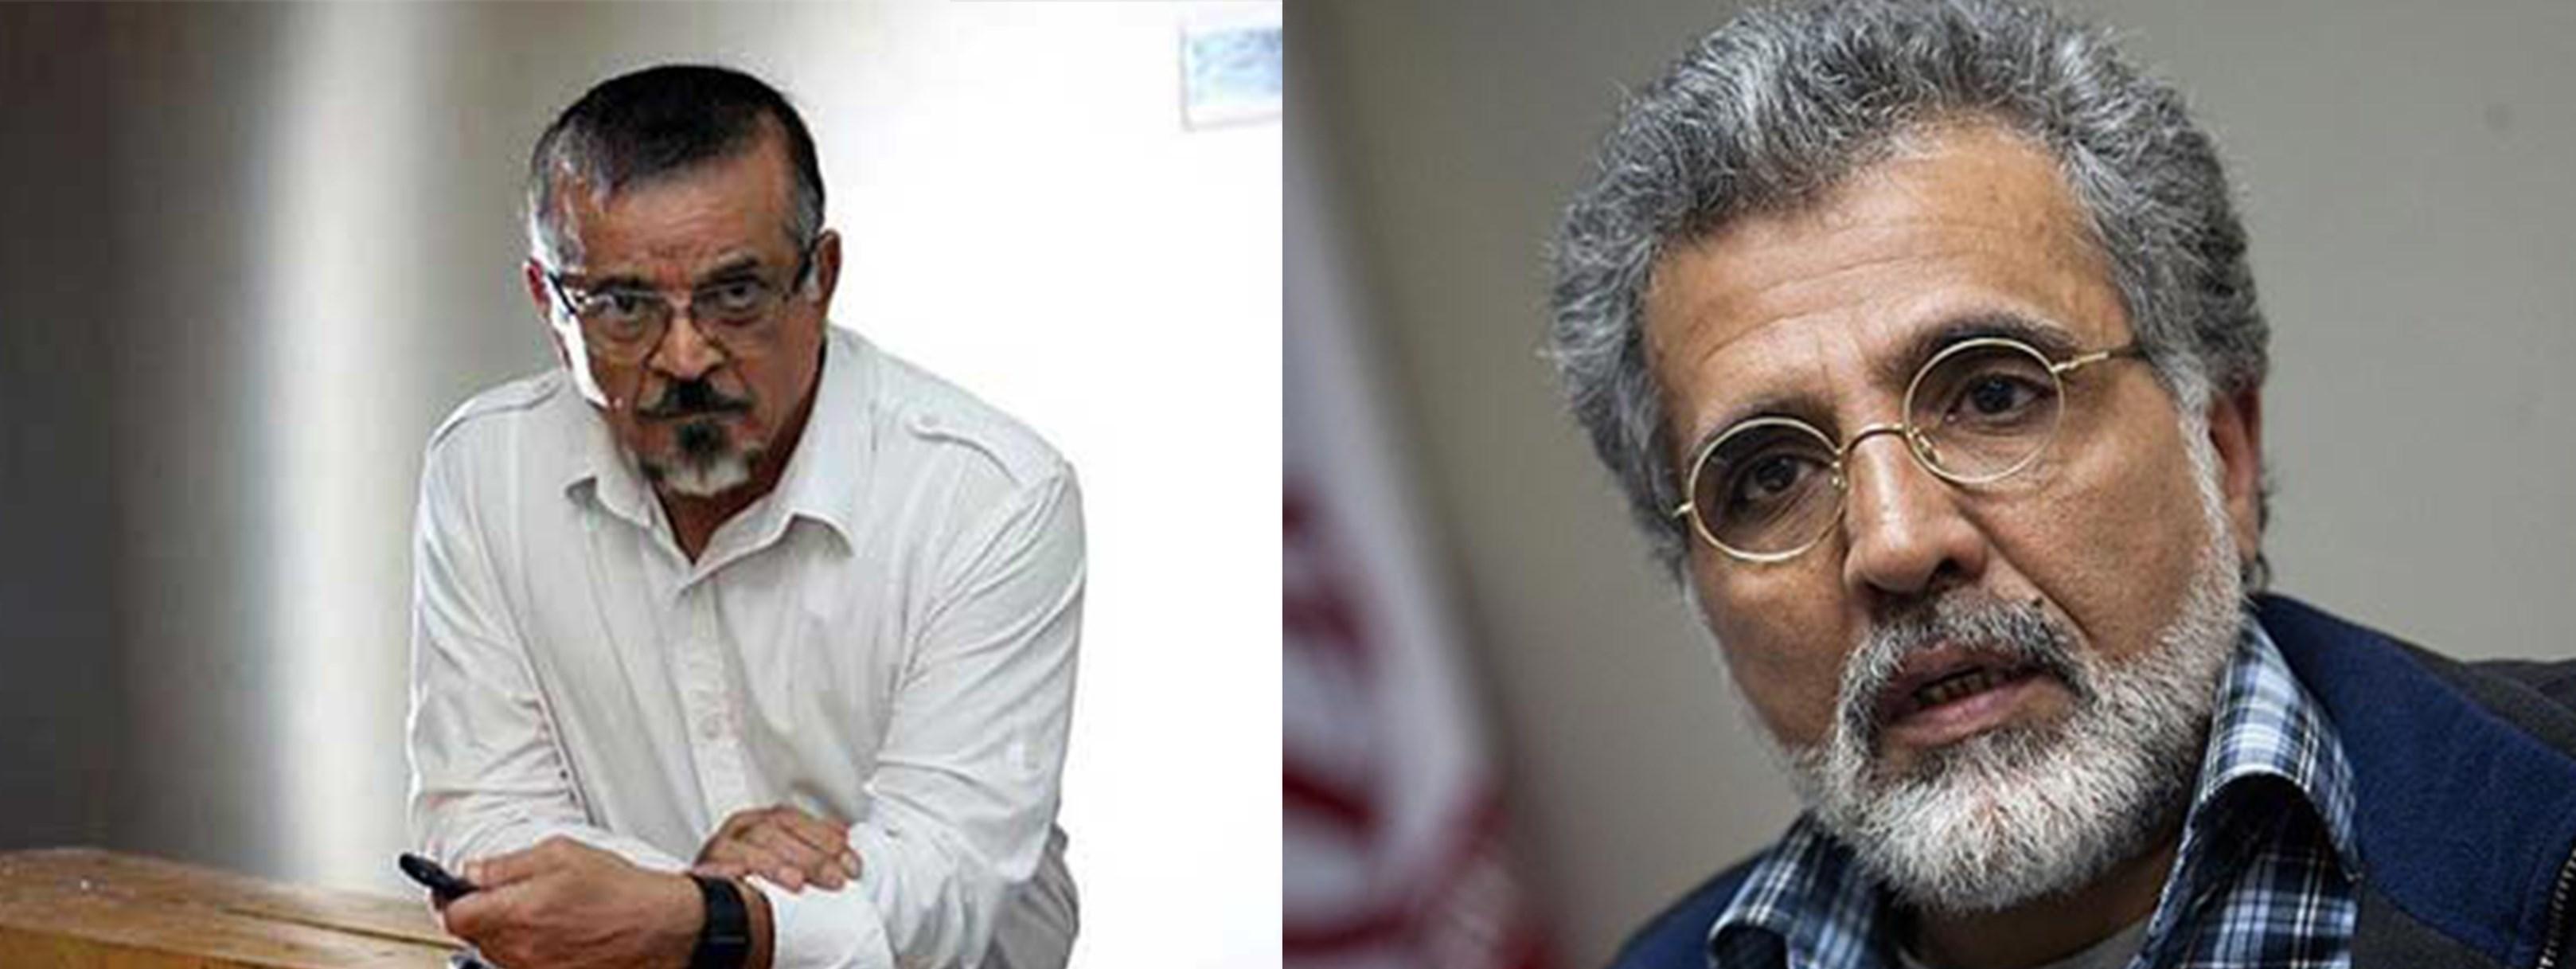 بازیگران ایران و جهان که بیشترین شباهت را به هم دارند+تصاویر